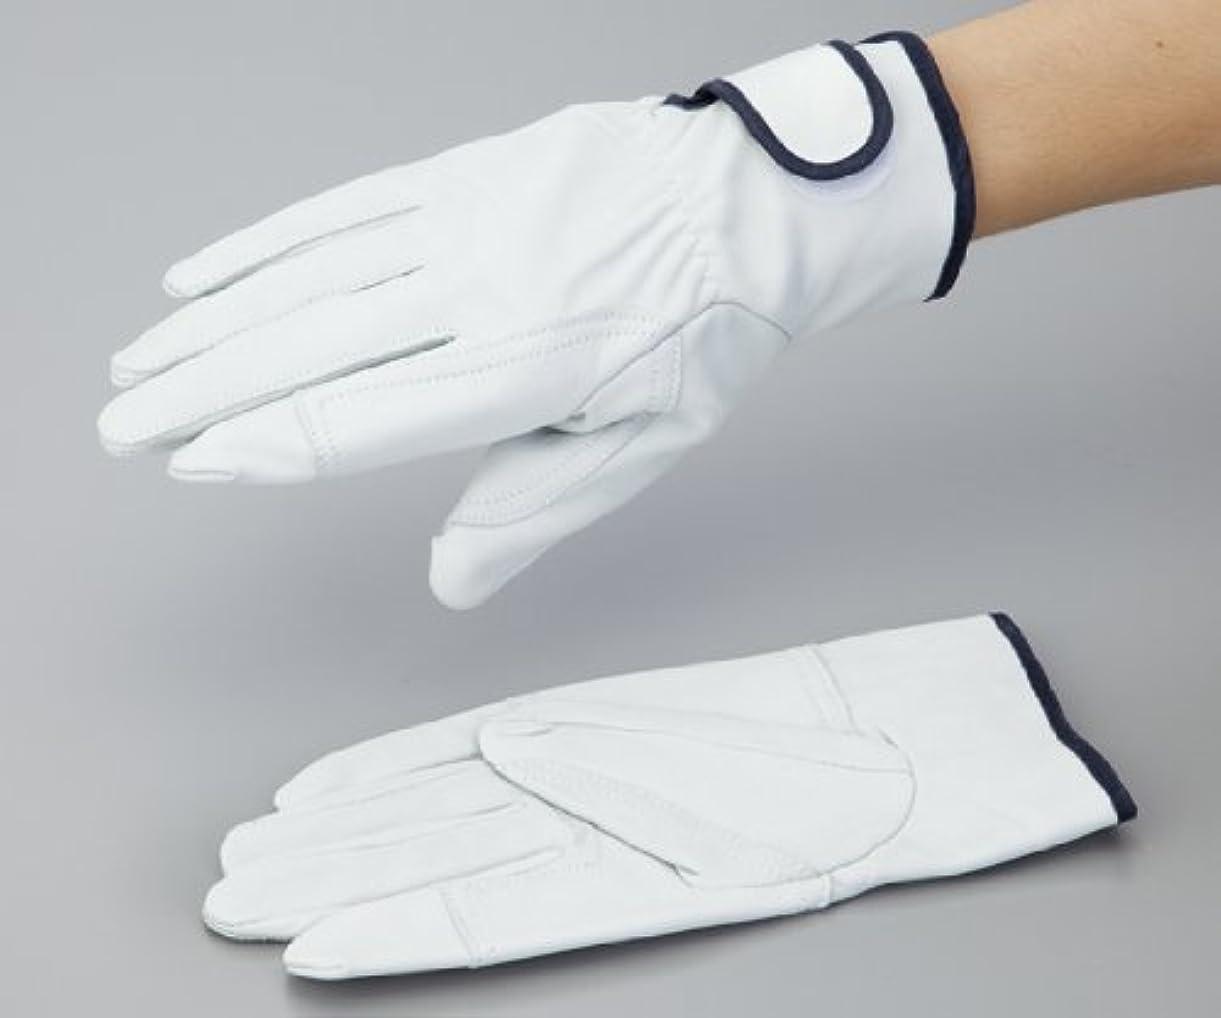 遵守する複製重なる2-2384-01牛表革手袋手首マジックファスナー付No.706白215mmM